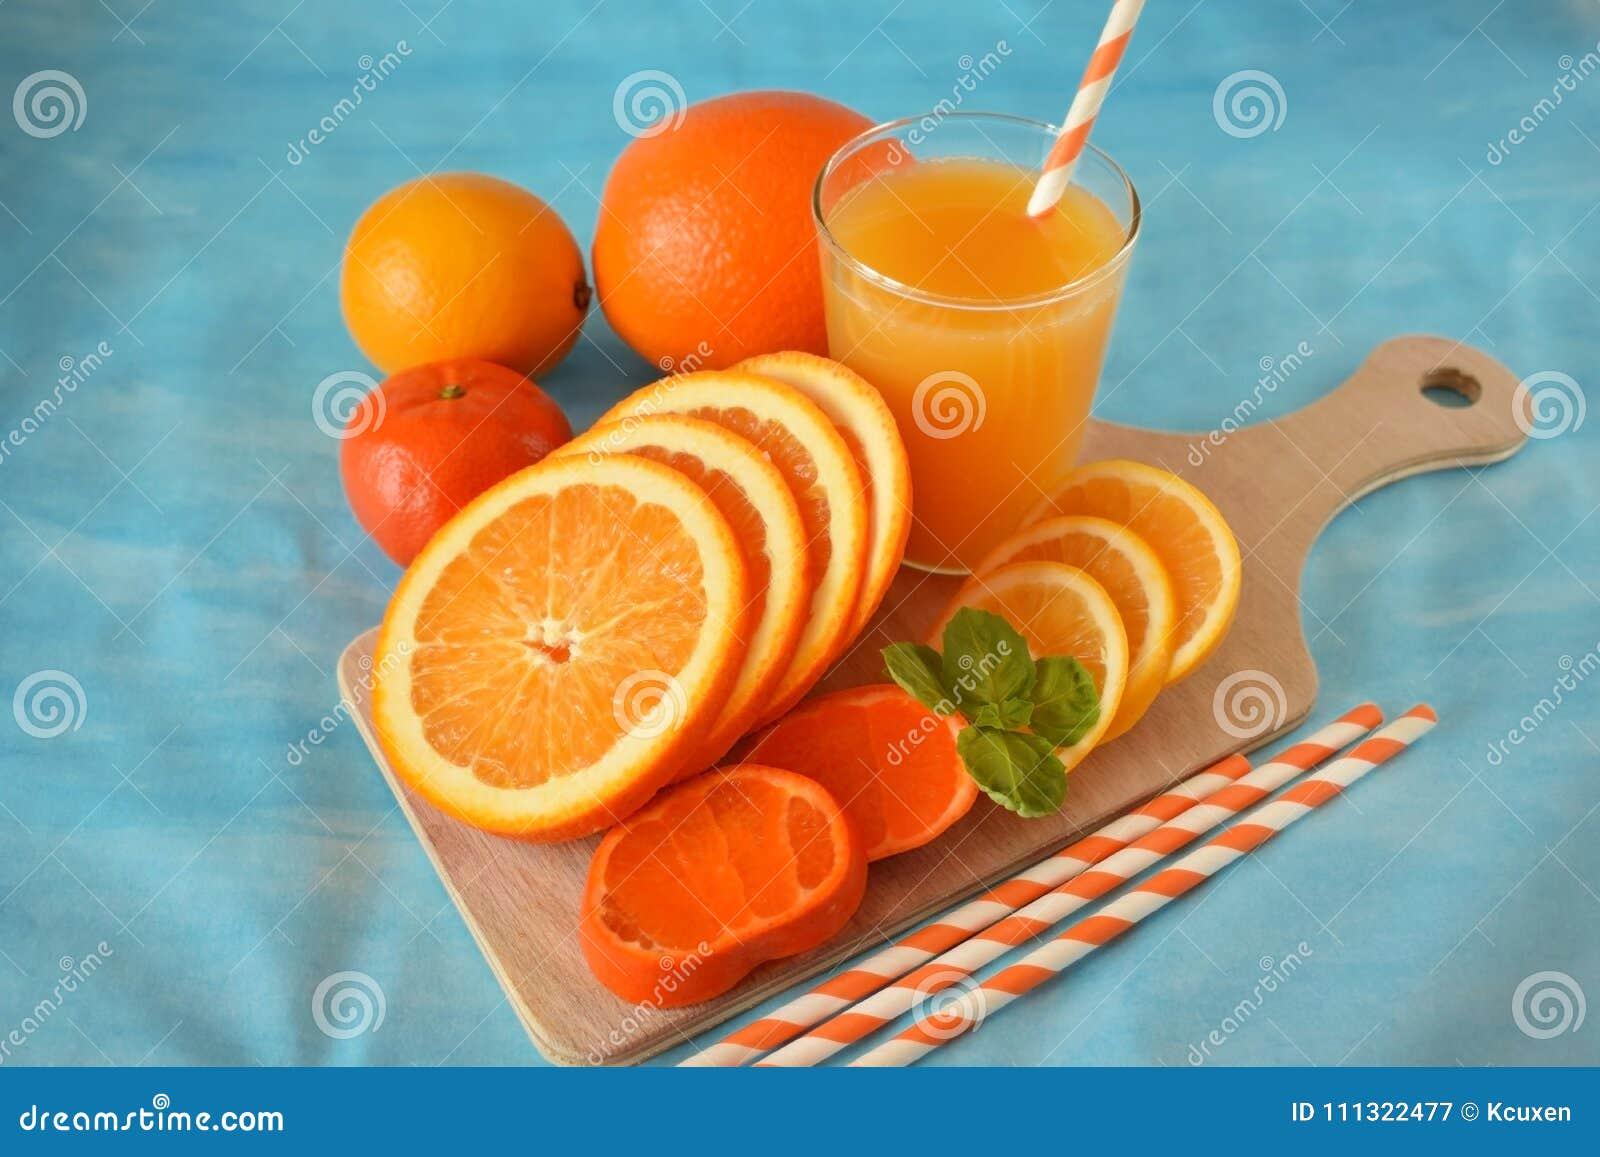 Plasterki pomarańcze, mandarynka, cytryna i koloru żółtego sok w szkle,